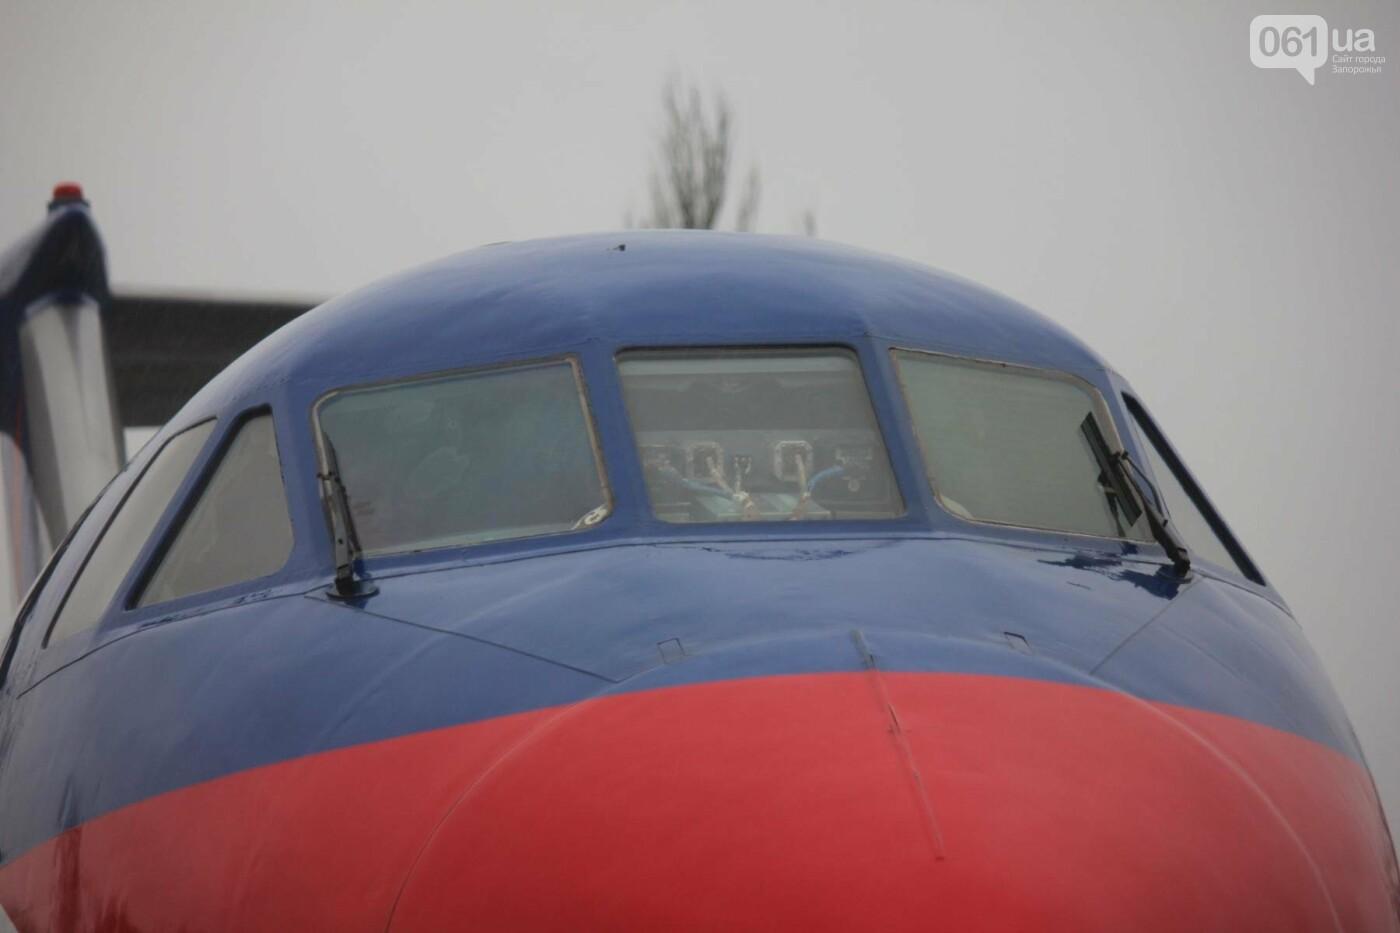 В Запорожье конфискованный самолет ЯК-40 отдали для обучения студентов летной академии, — ФОТОРЕПОРТАЖ, фото-5